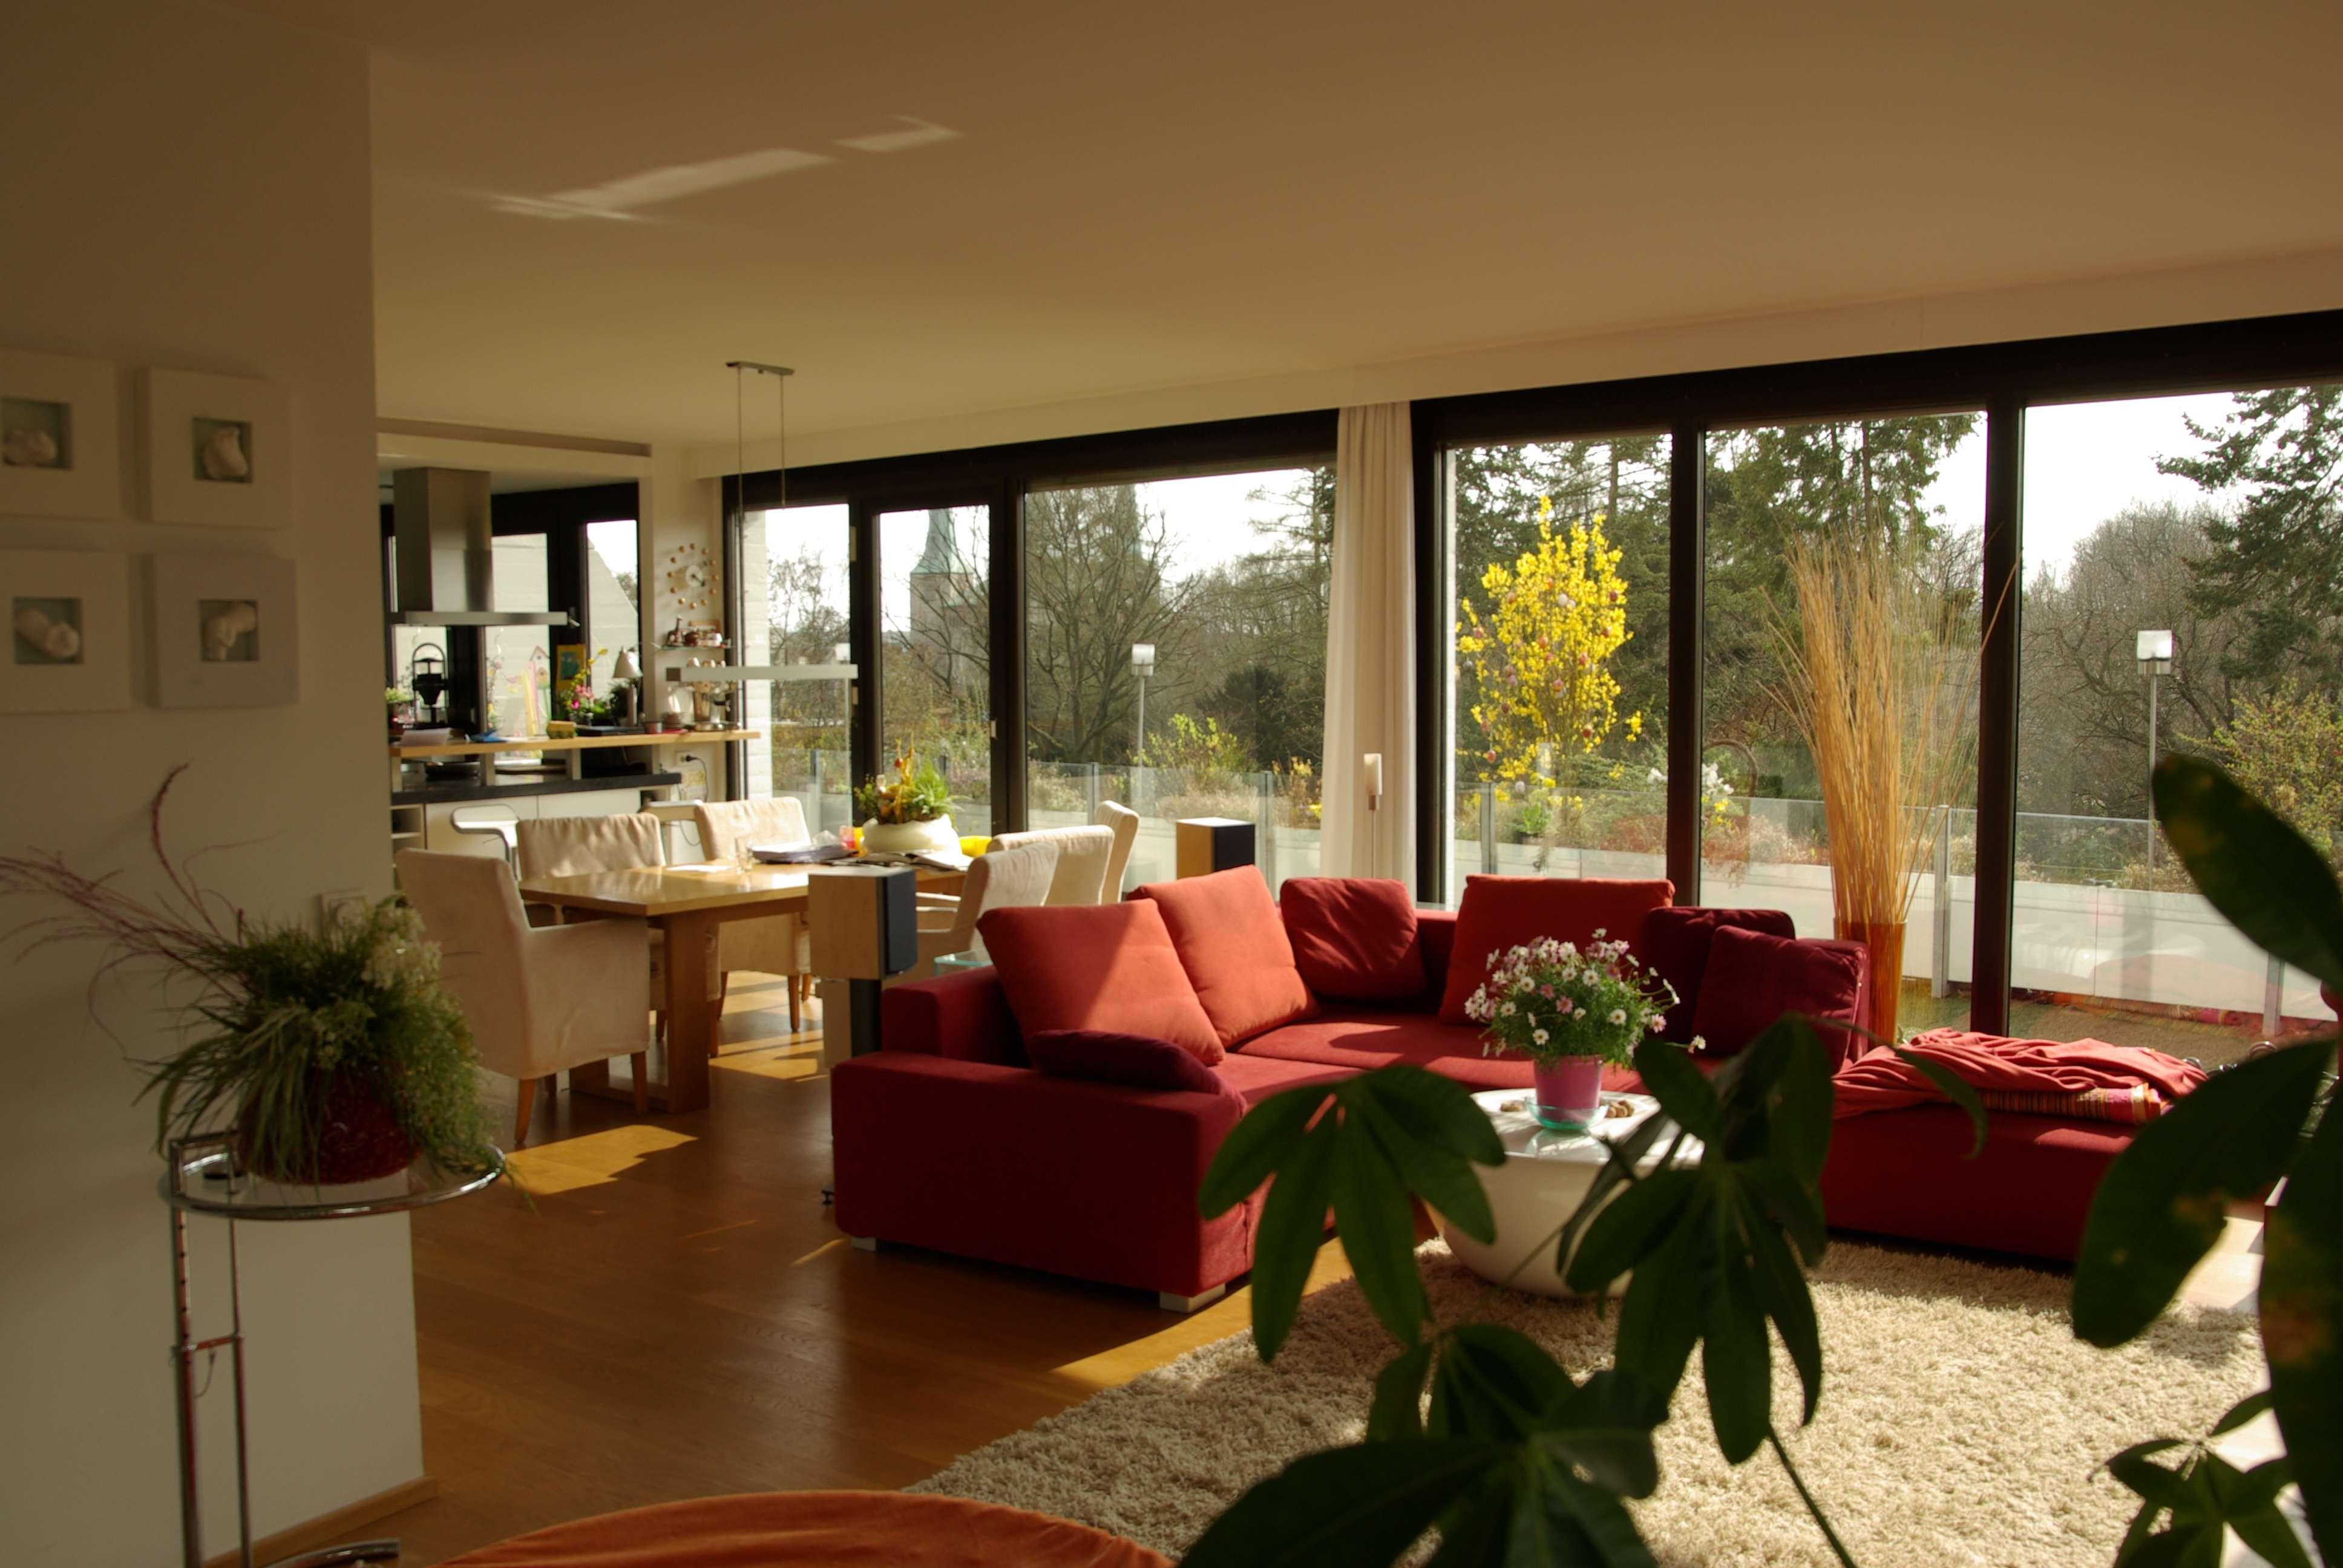 Seltene Gelegenheit Penthouse direkt am Stadtpark,  2 gr. Dachterrassen -  Aufzug in Maxfeld (Nürnberg)